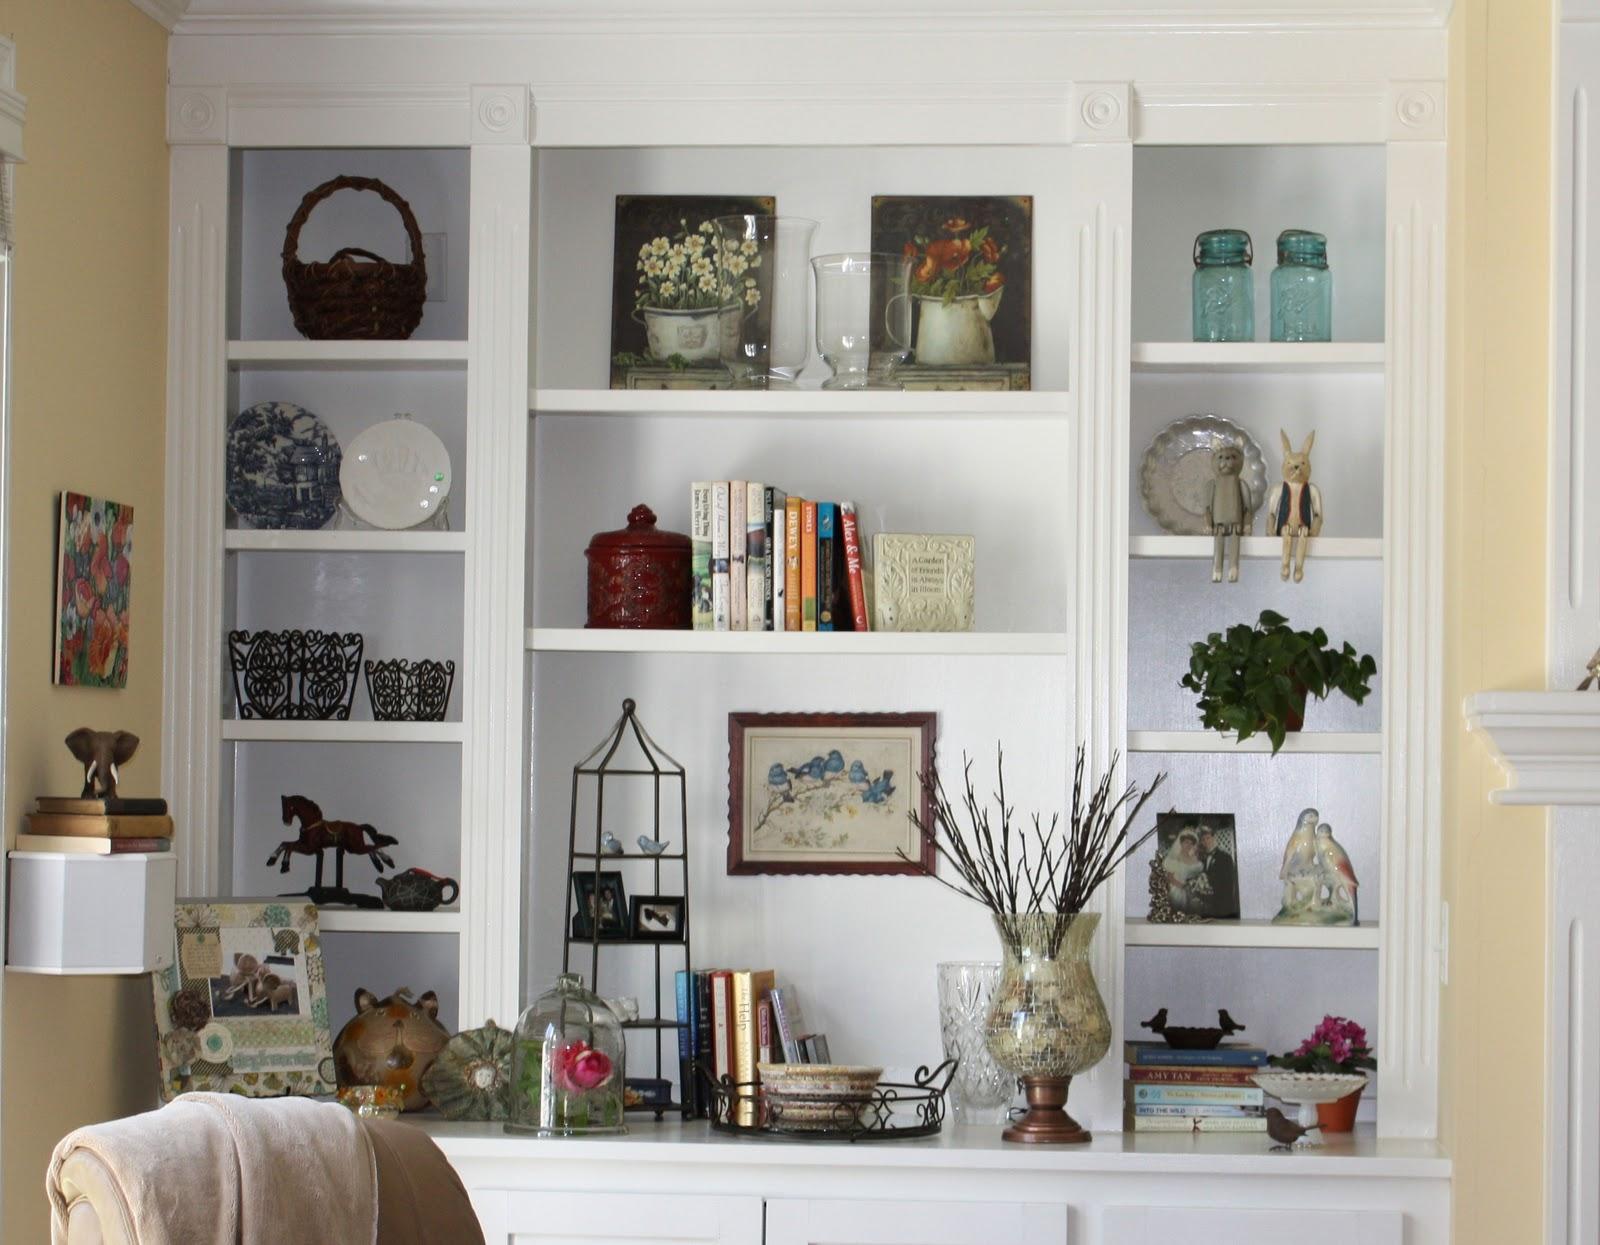 Interior Design Shelves Home Regarding Bookshelves Designs For Home (View 13 of 15)